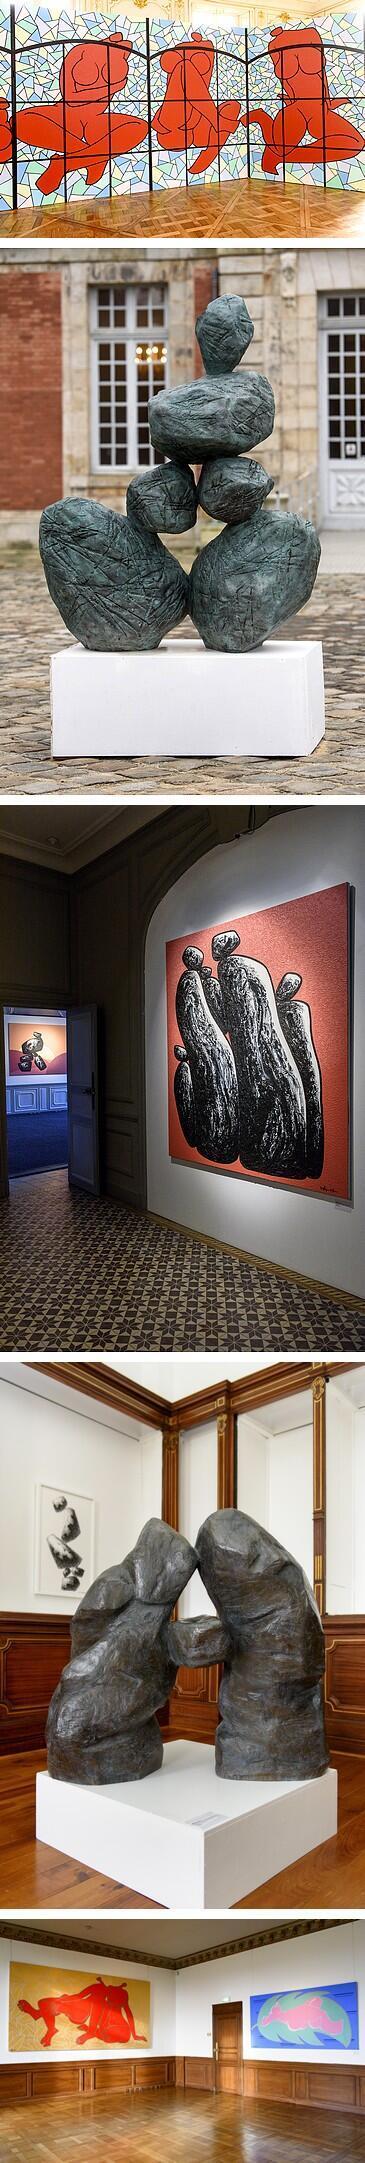 馬德升展出作品之一:彩繪玻璃